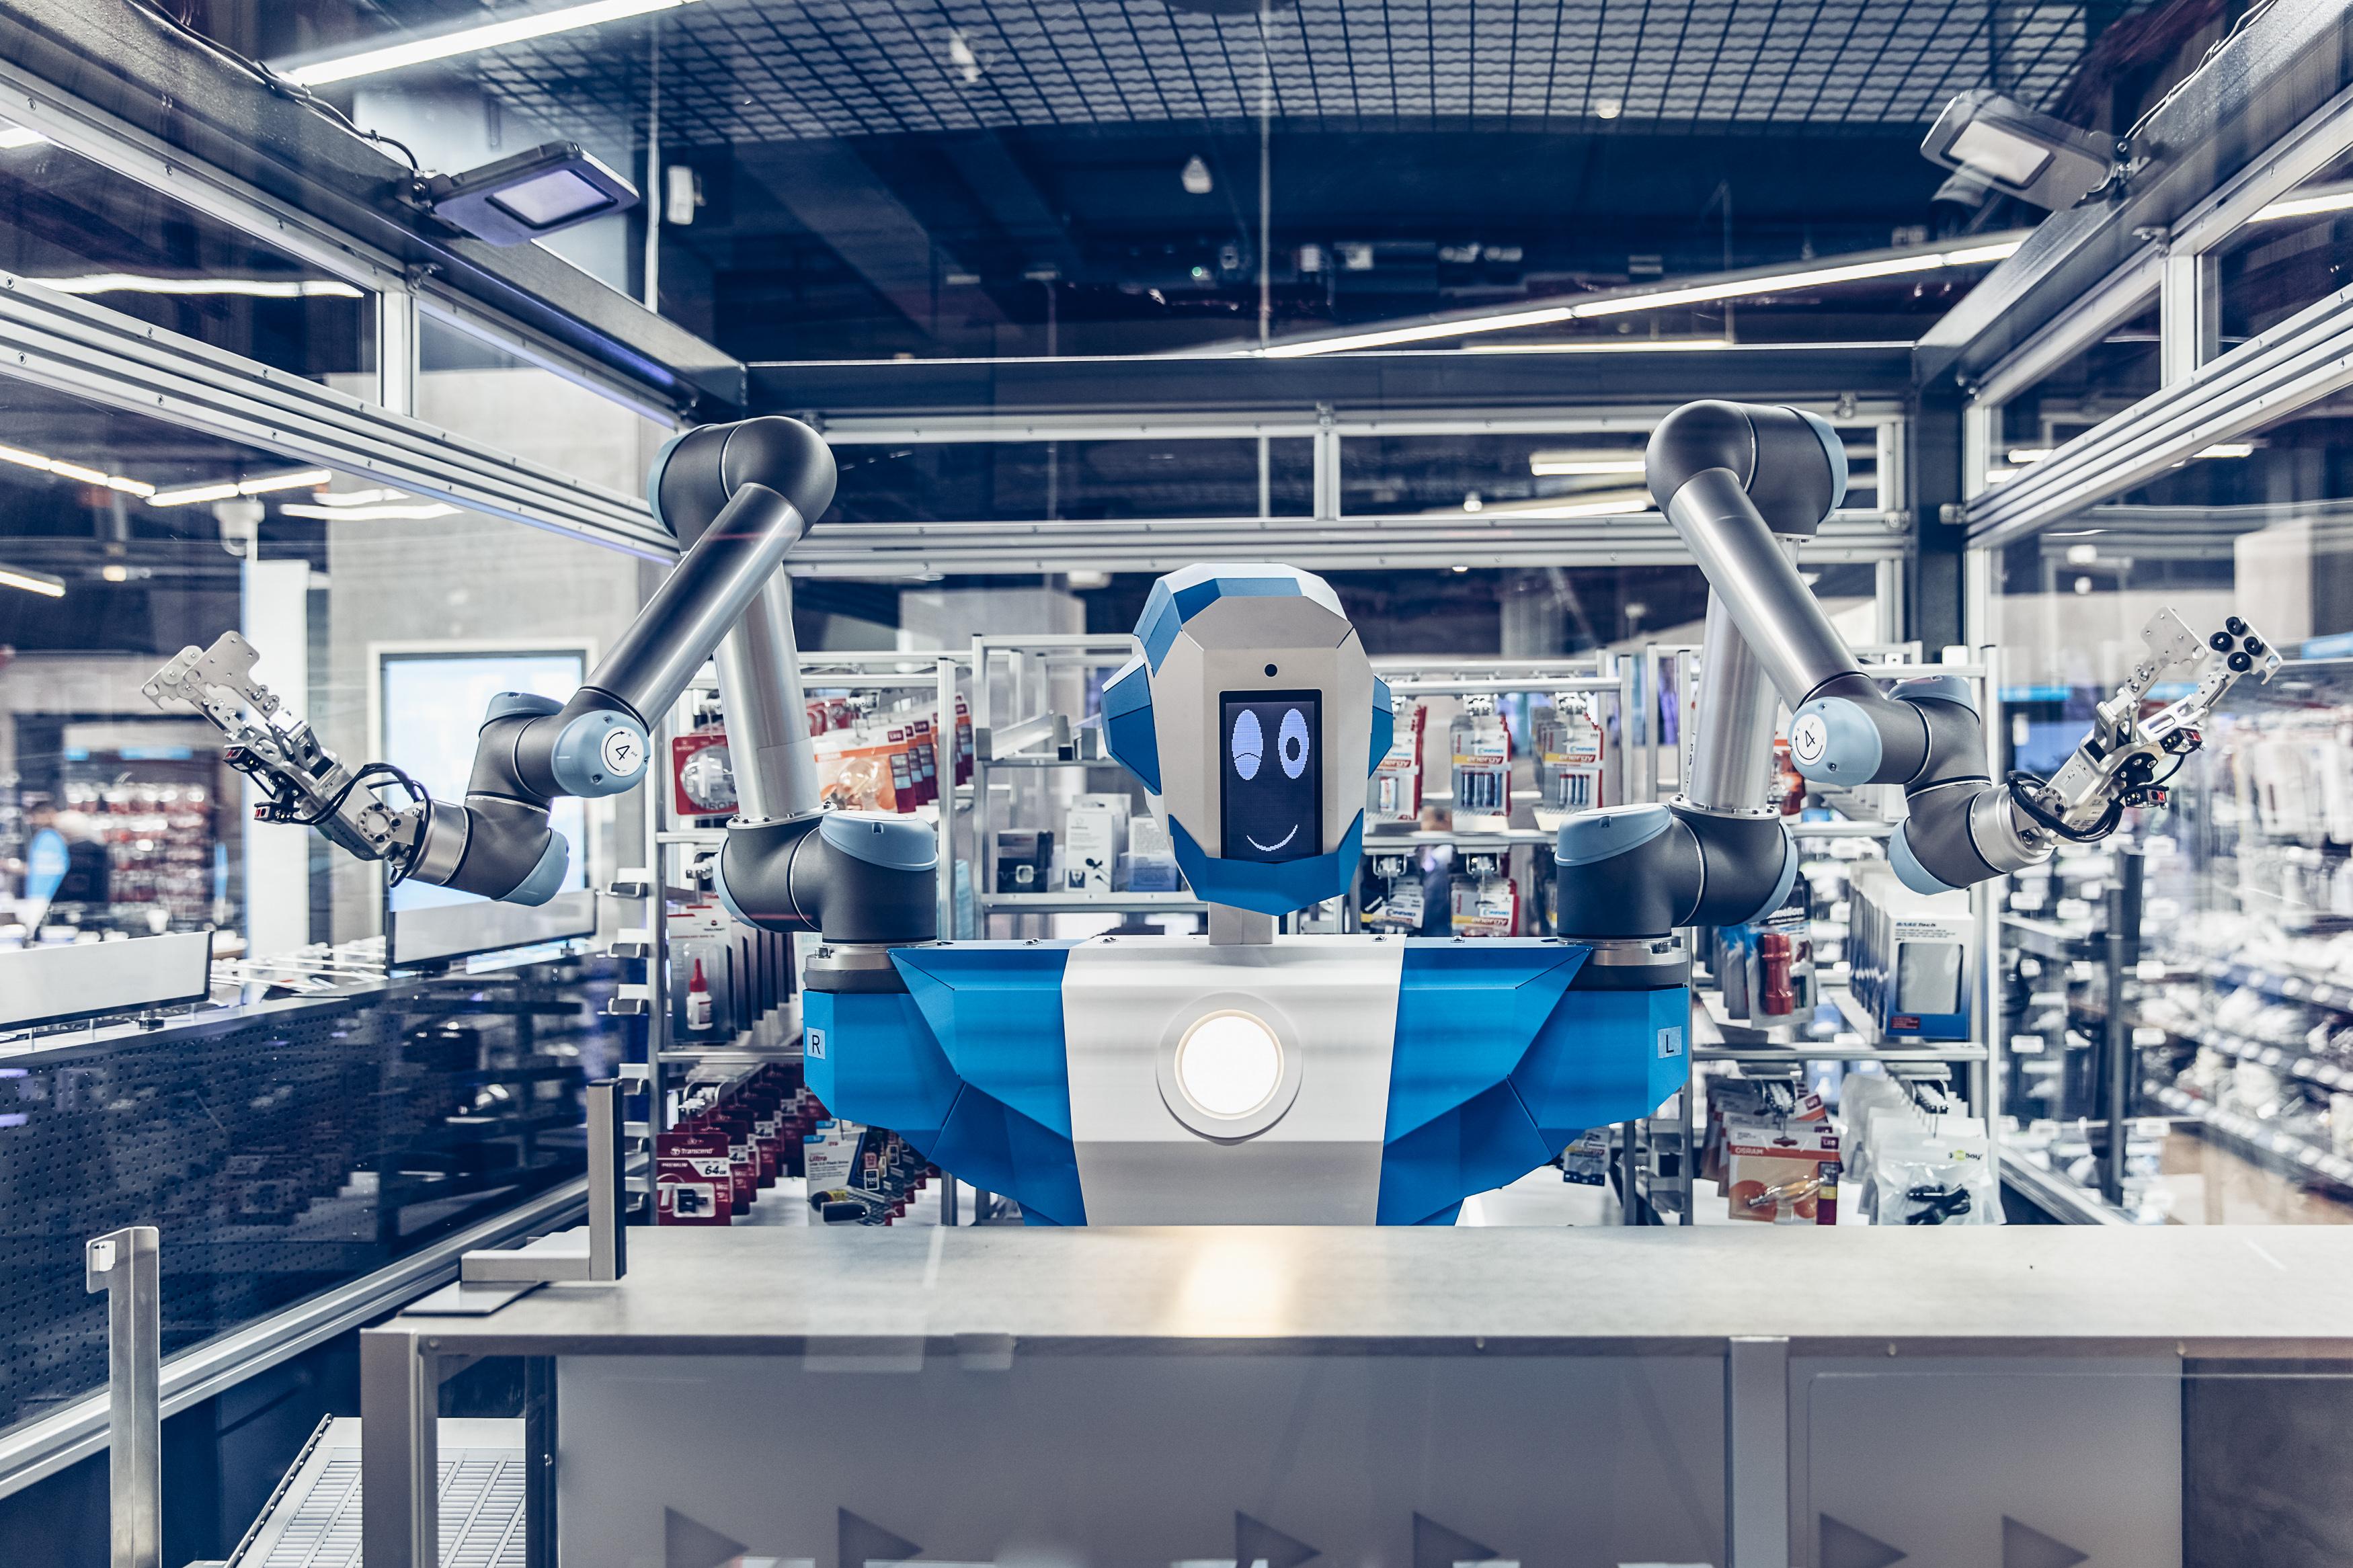 Technologie: Conrad: Kann es der Roboter besser?